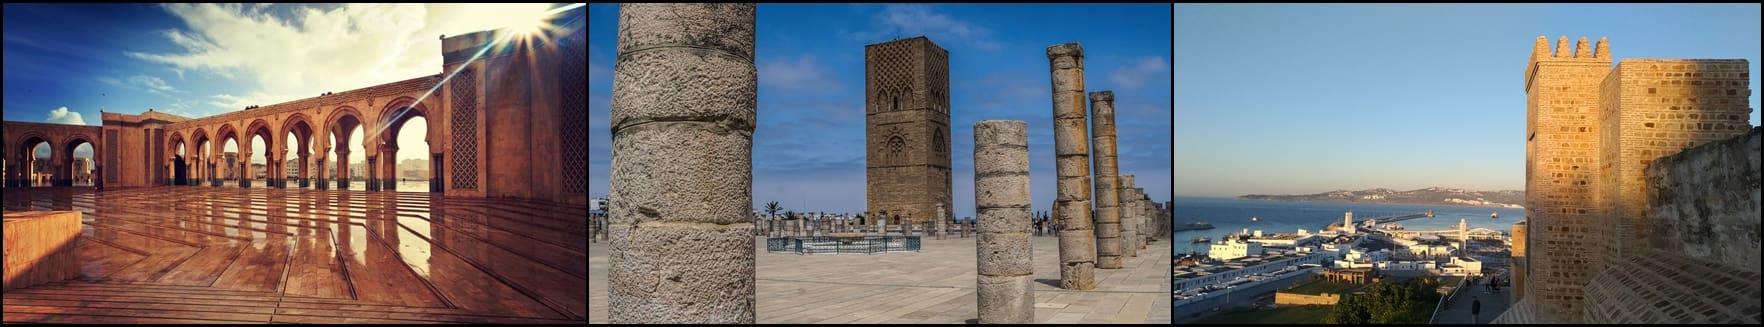 Morocco d2